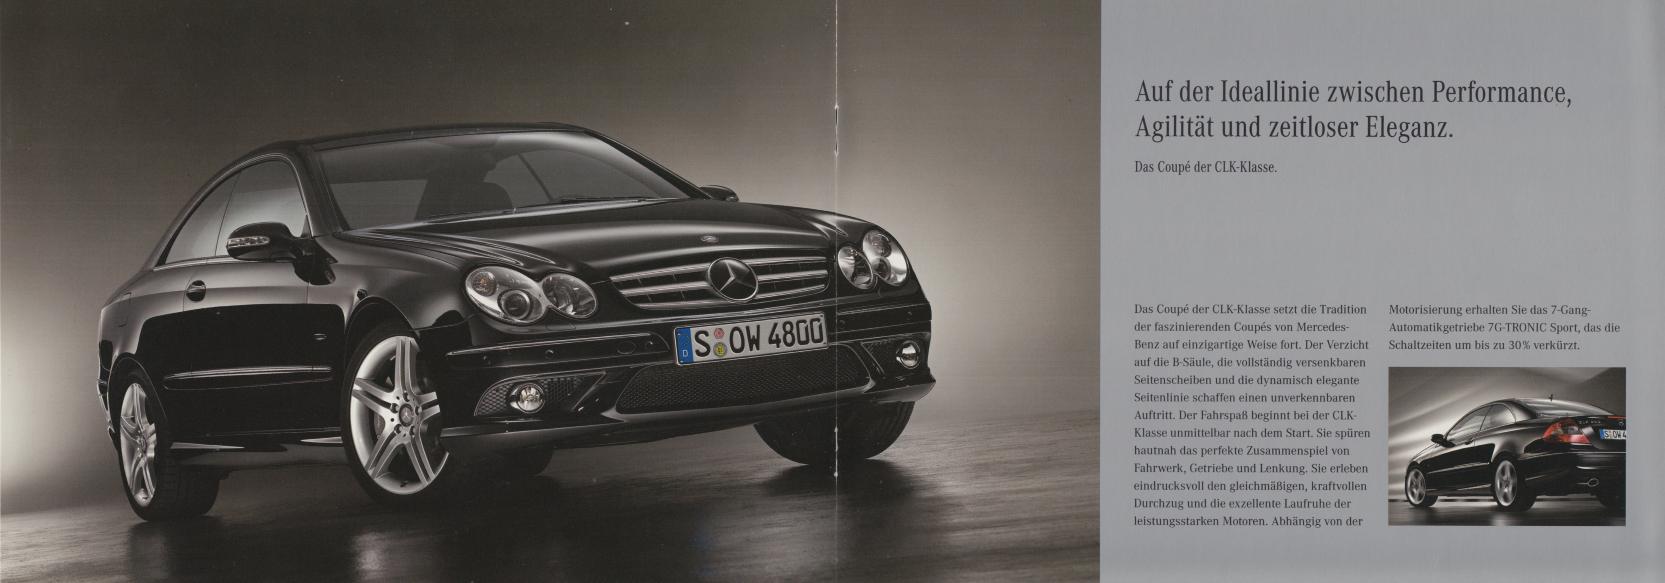 (A/C209): Catálogo 2008 - Grand Edition - alemão 005